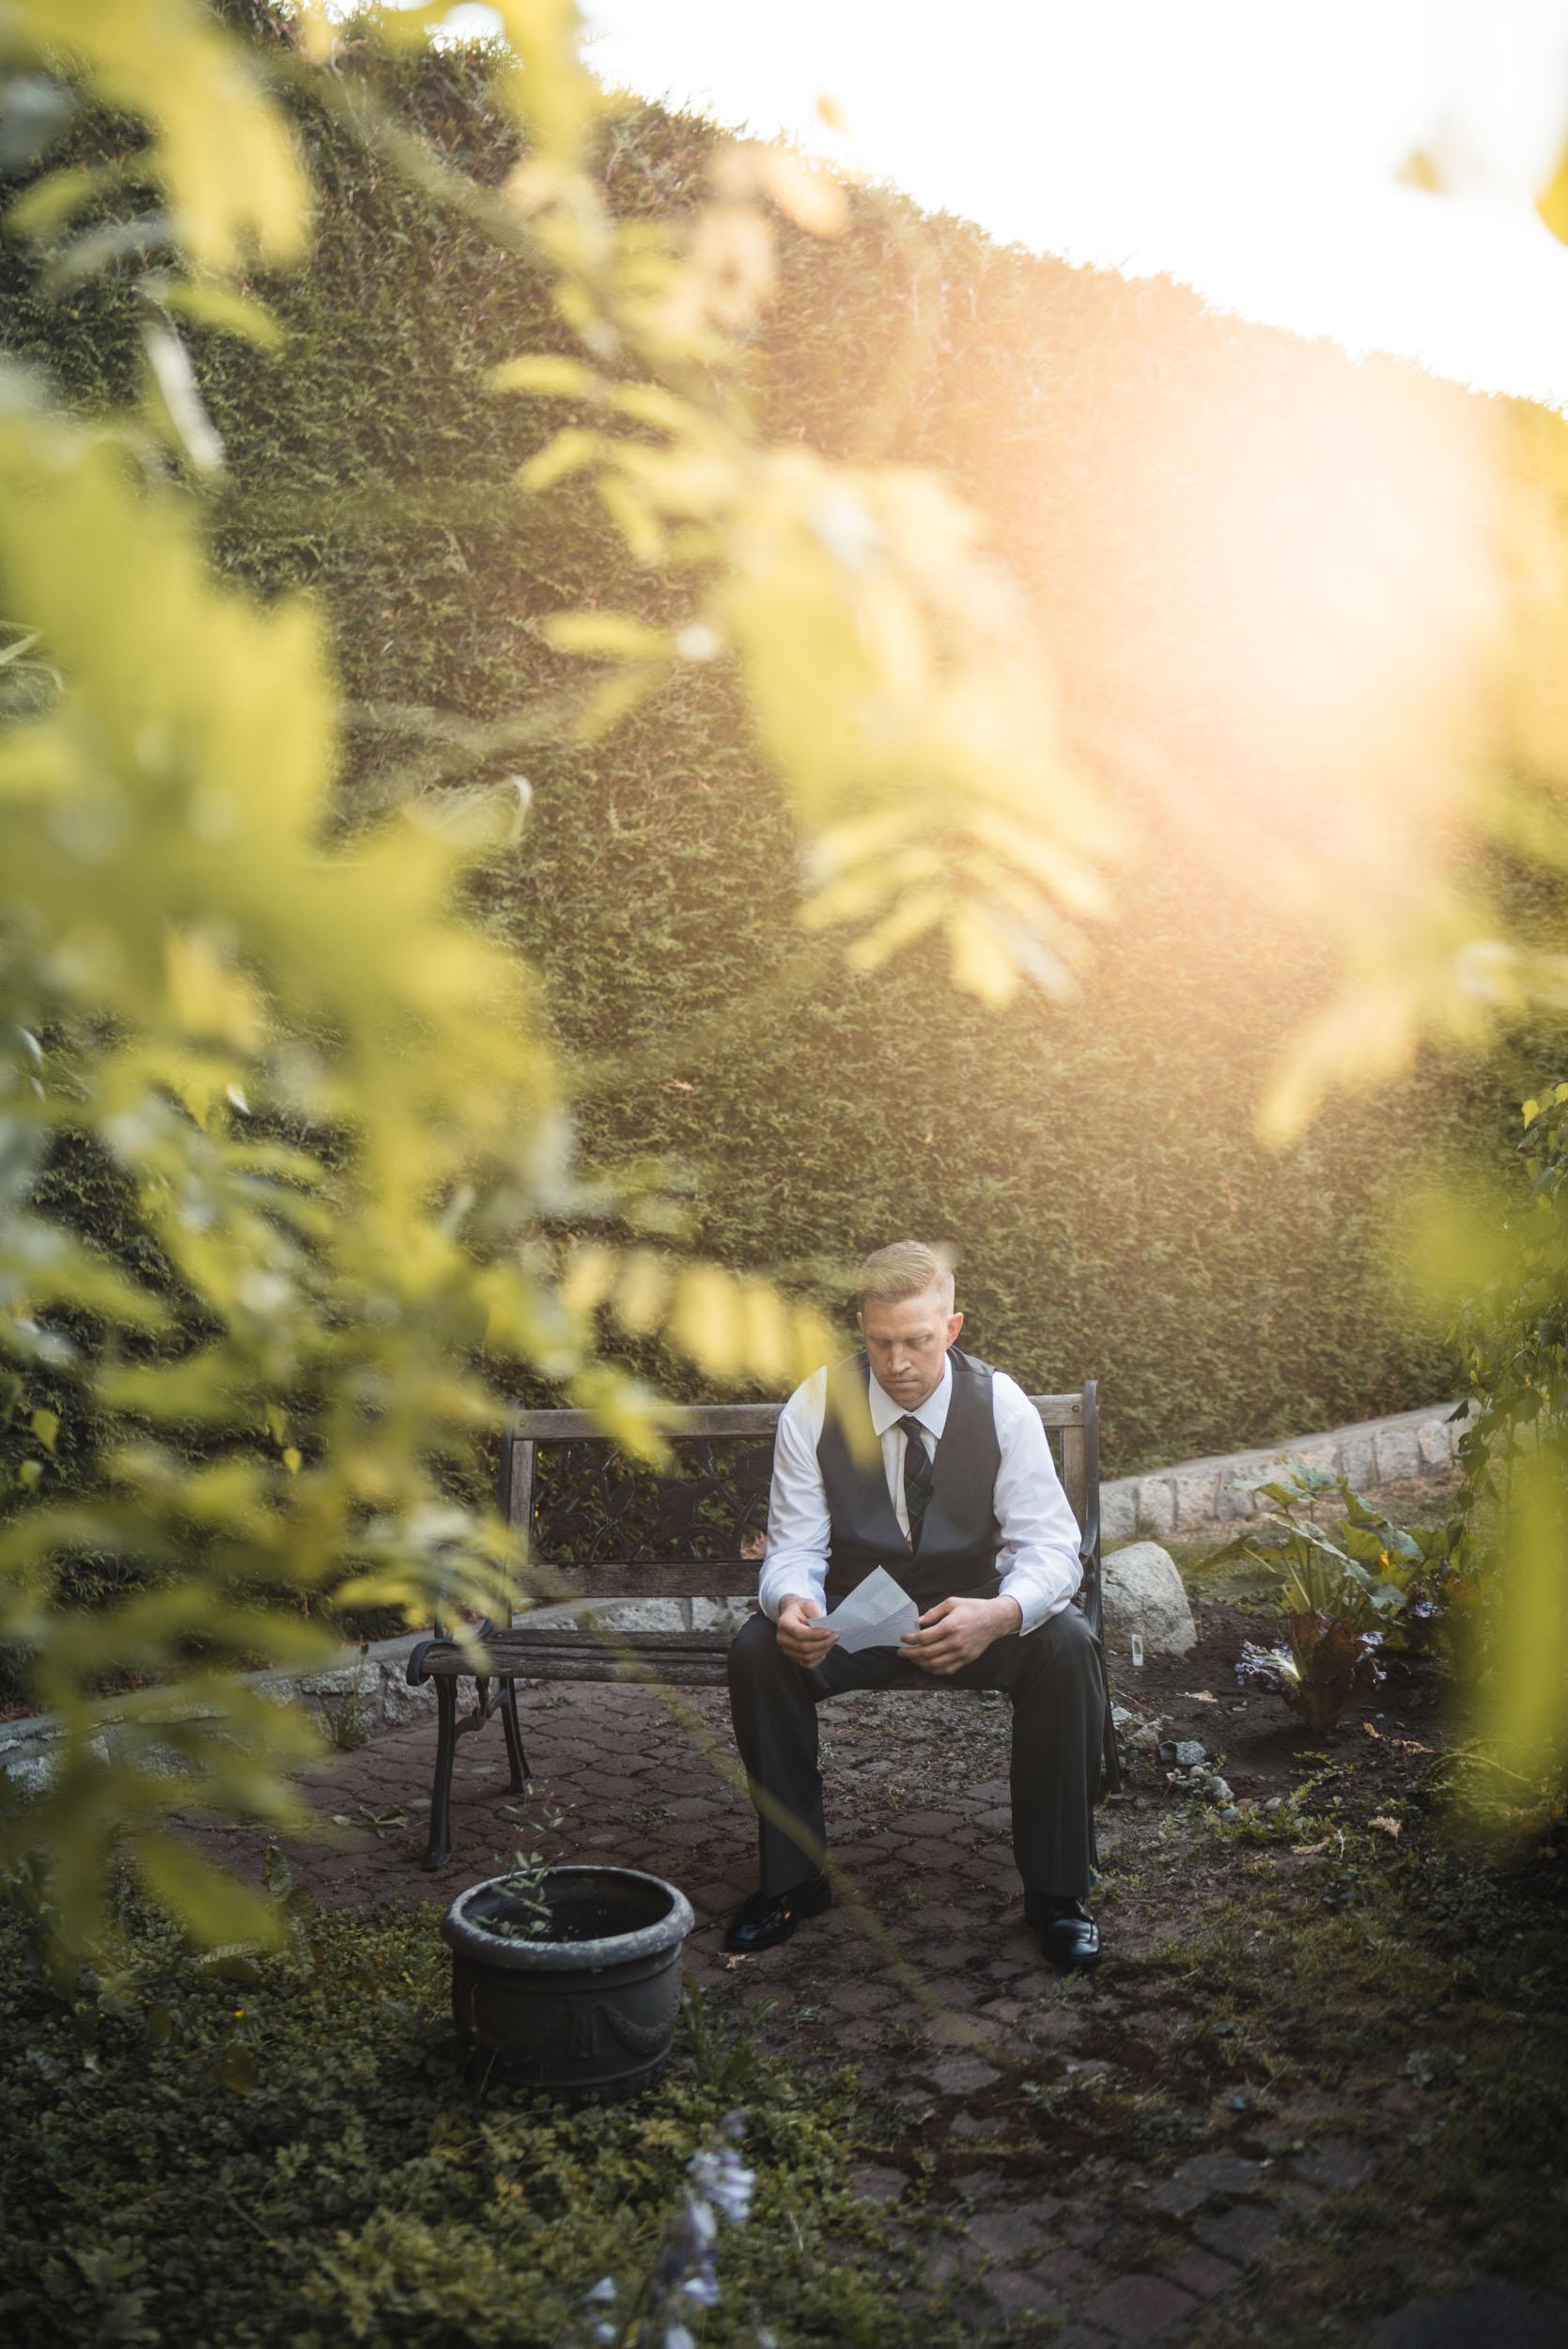 LukeMiklerPhoto_Weddings-11.jpg